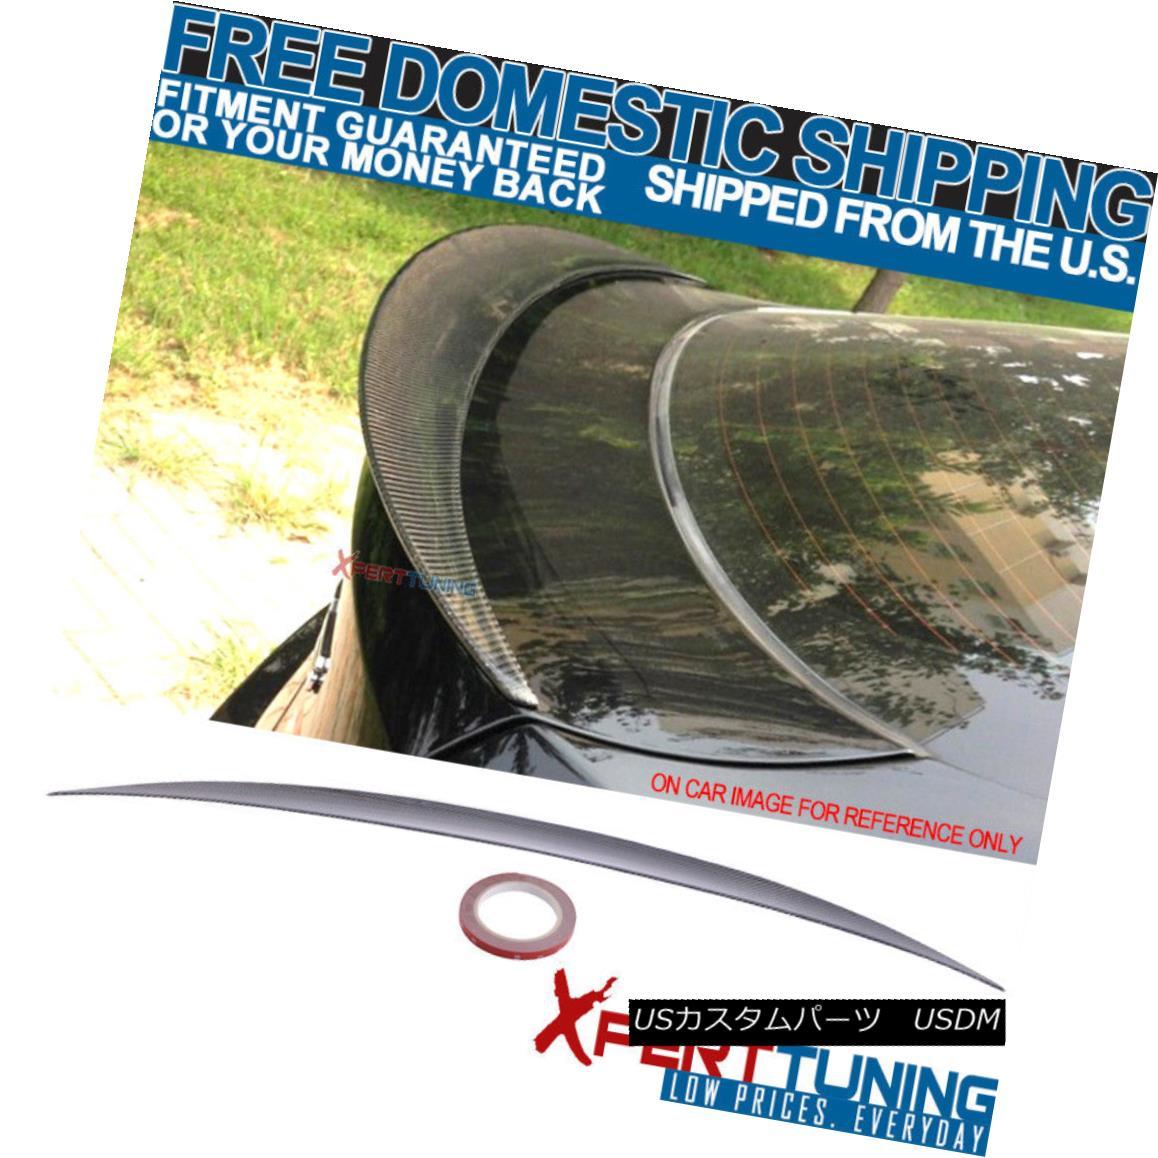 エアロパーツ 08-14 E71 X6 5Dr SUV Performance Style Trunk Spoiler - Carbon Fiber (CF) 08-14 E71 X6 5Dr SUVパフォーマンススタイルトランク・スポイラー - 炭素繊維(CF)